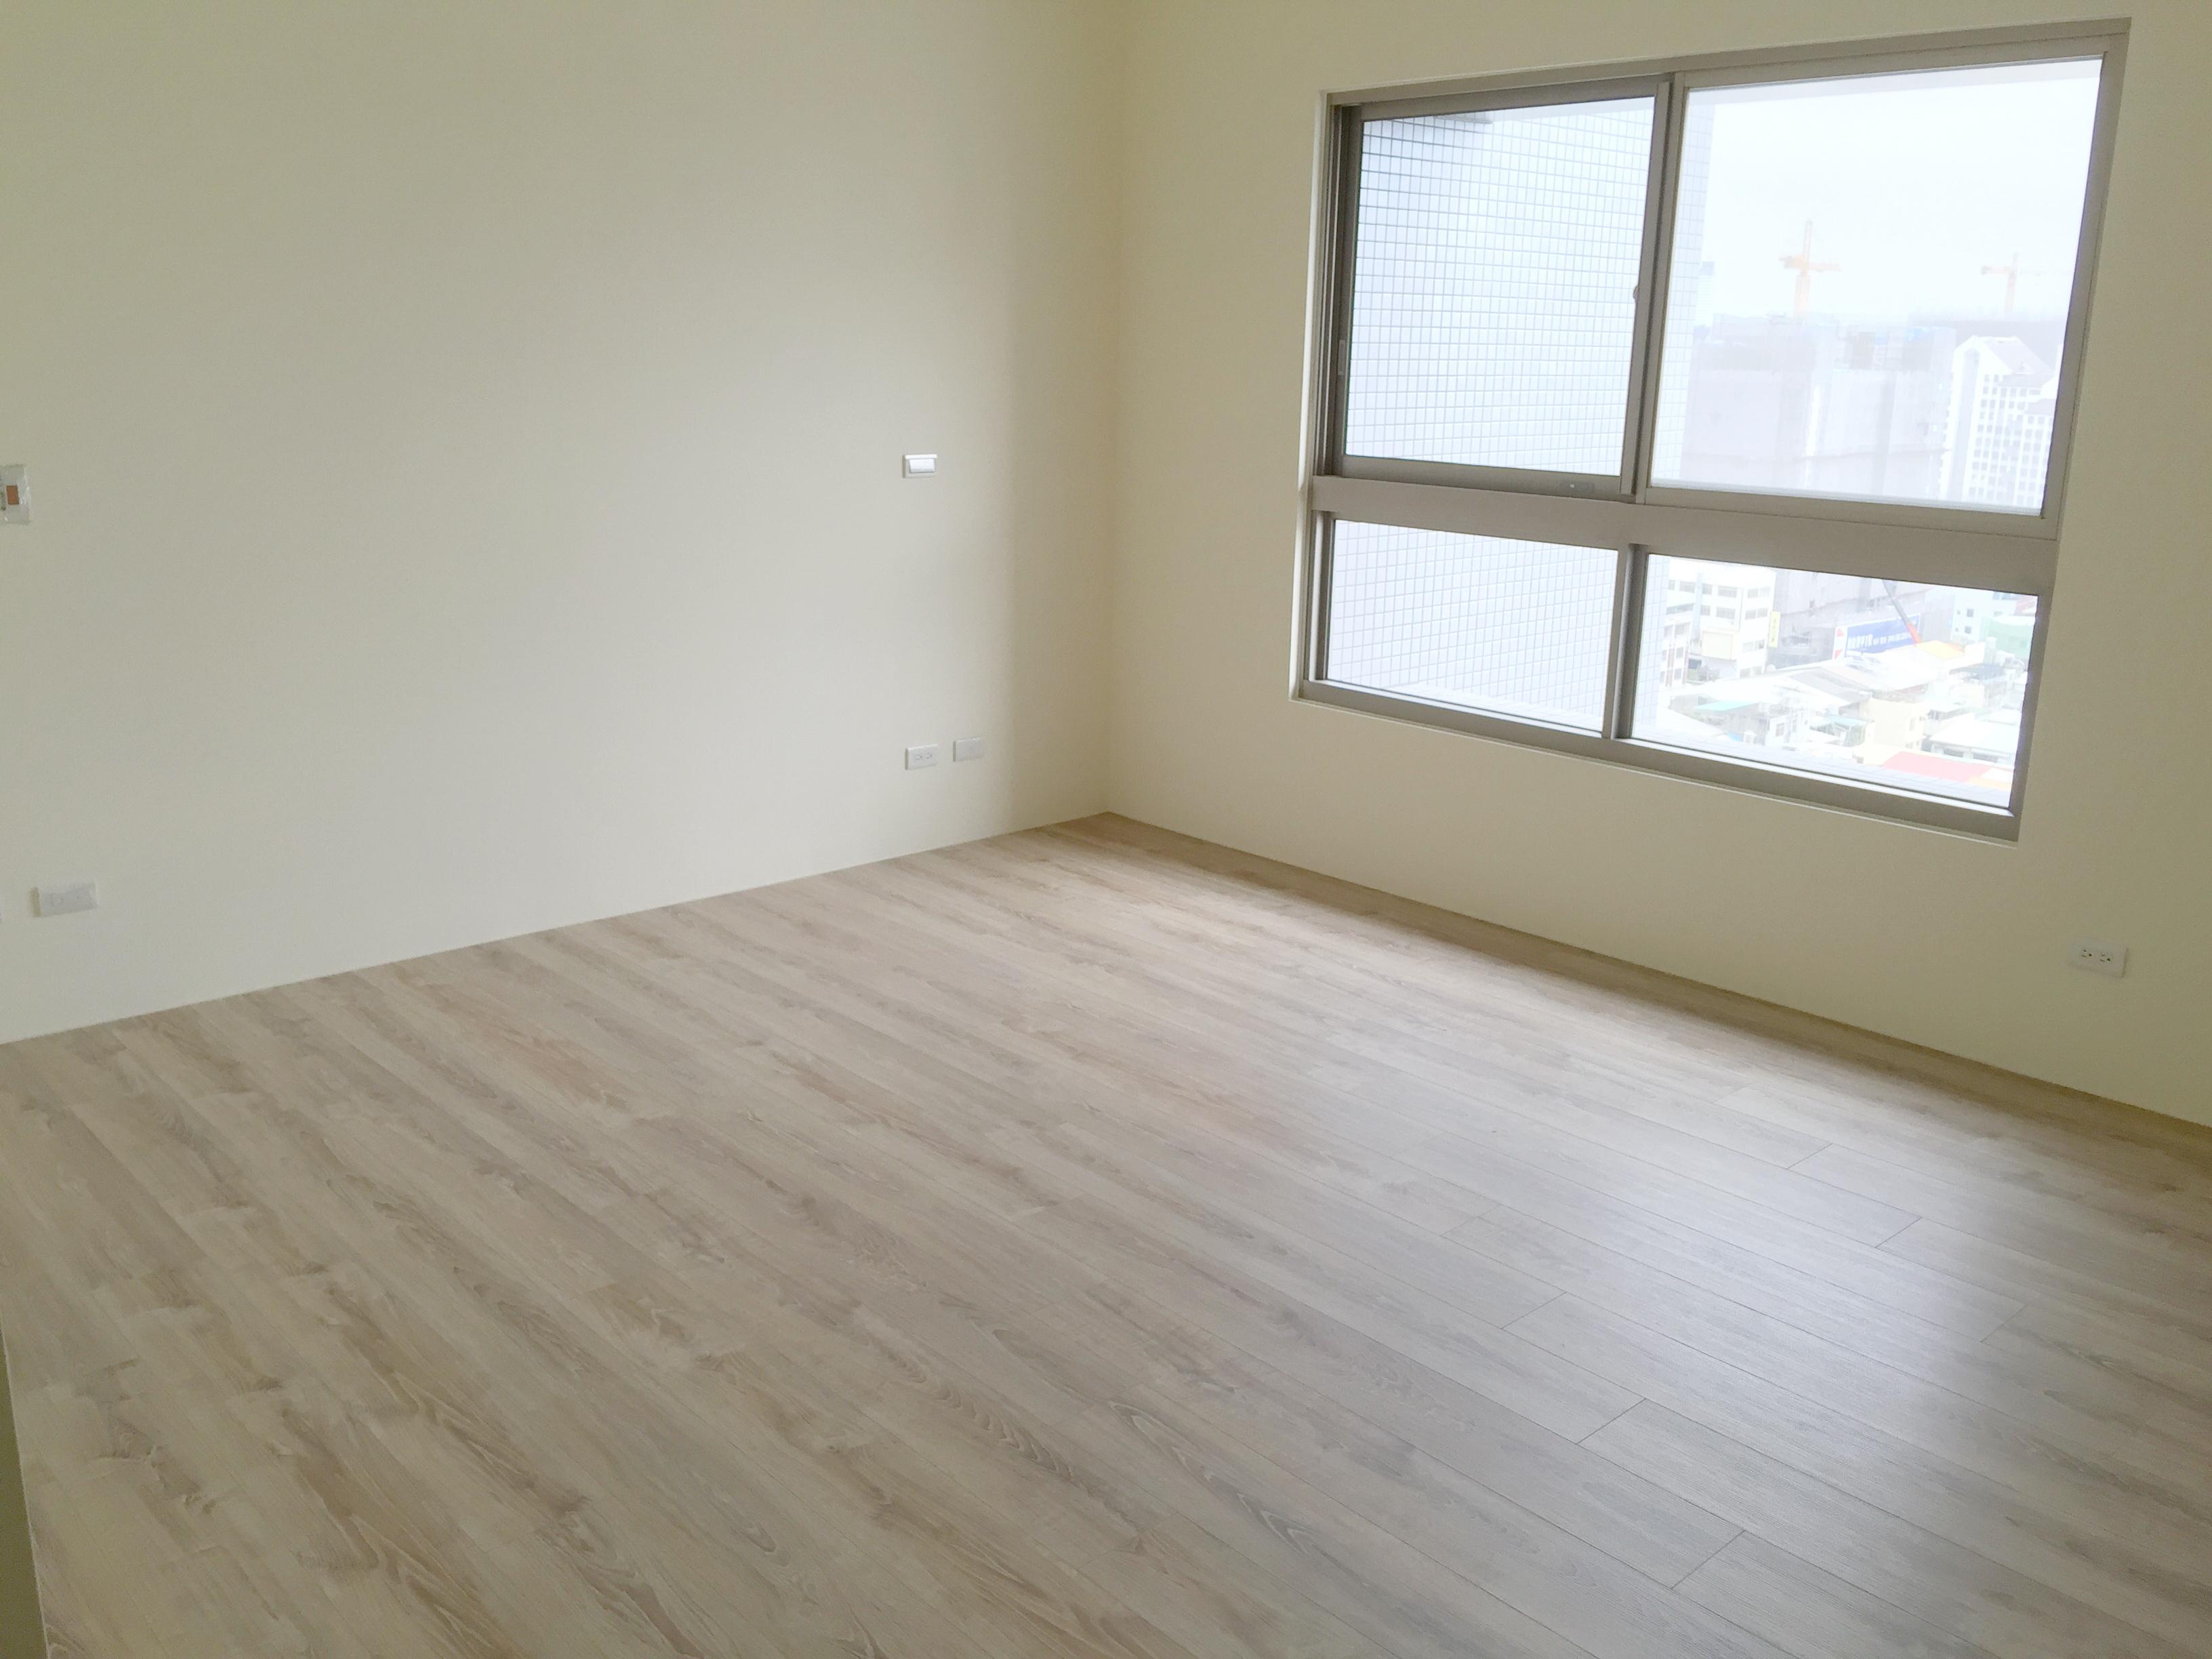 佳茂五權光河4房3車位 /文心路捷運口/高樓層超棒視野戶